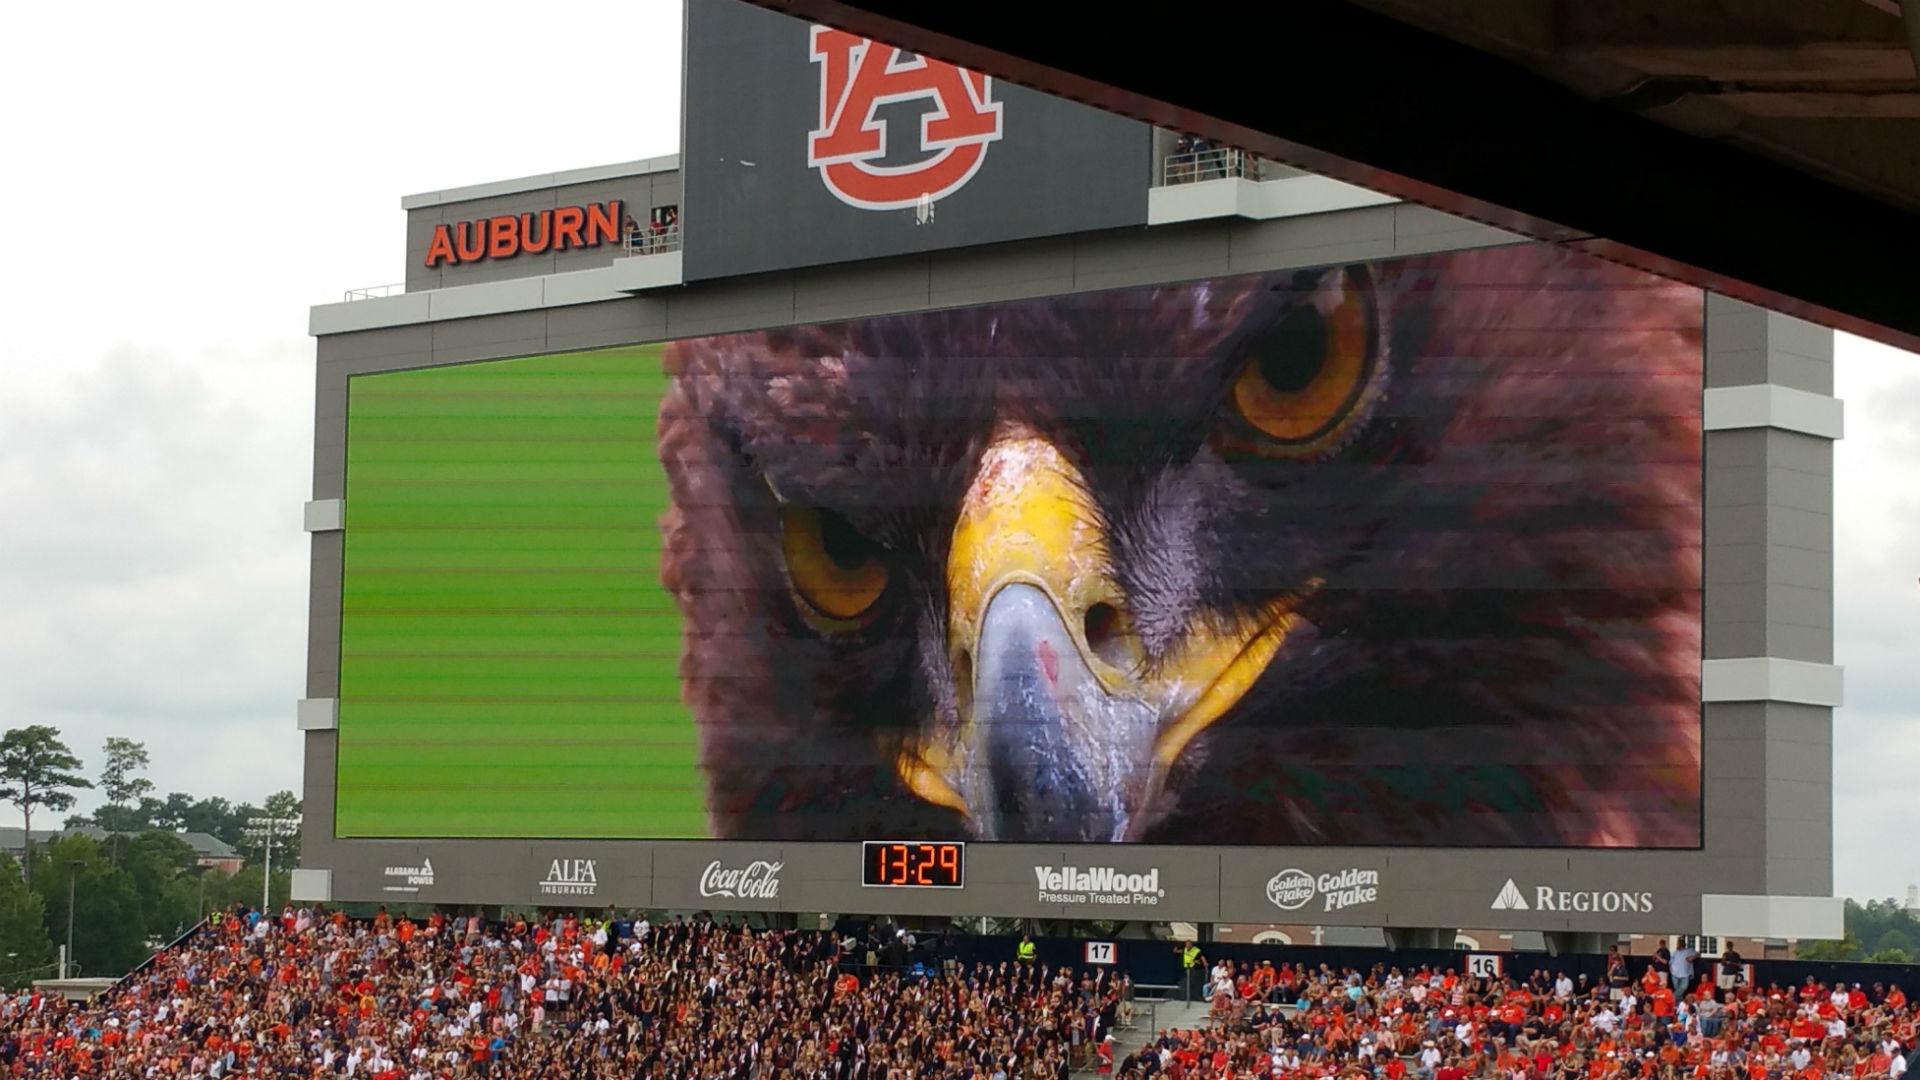 Auburn-scoreboard-ftr-091215-jeremyhenderson